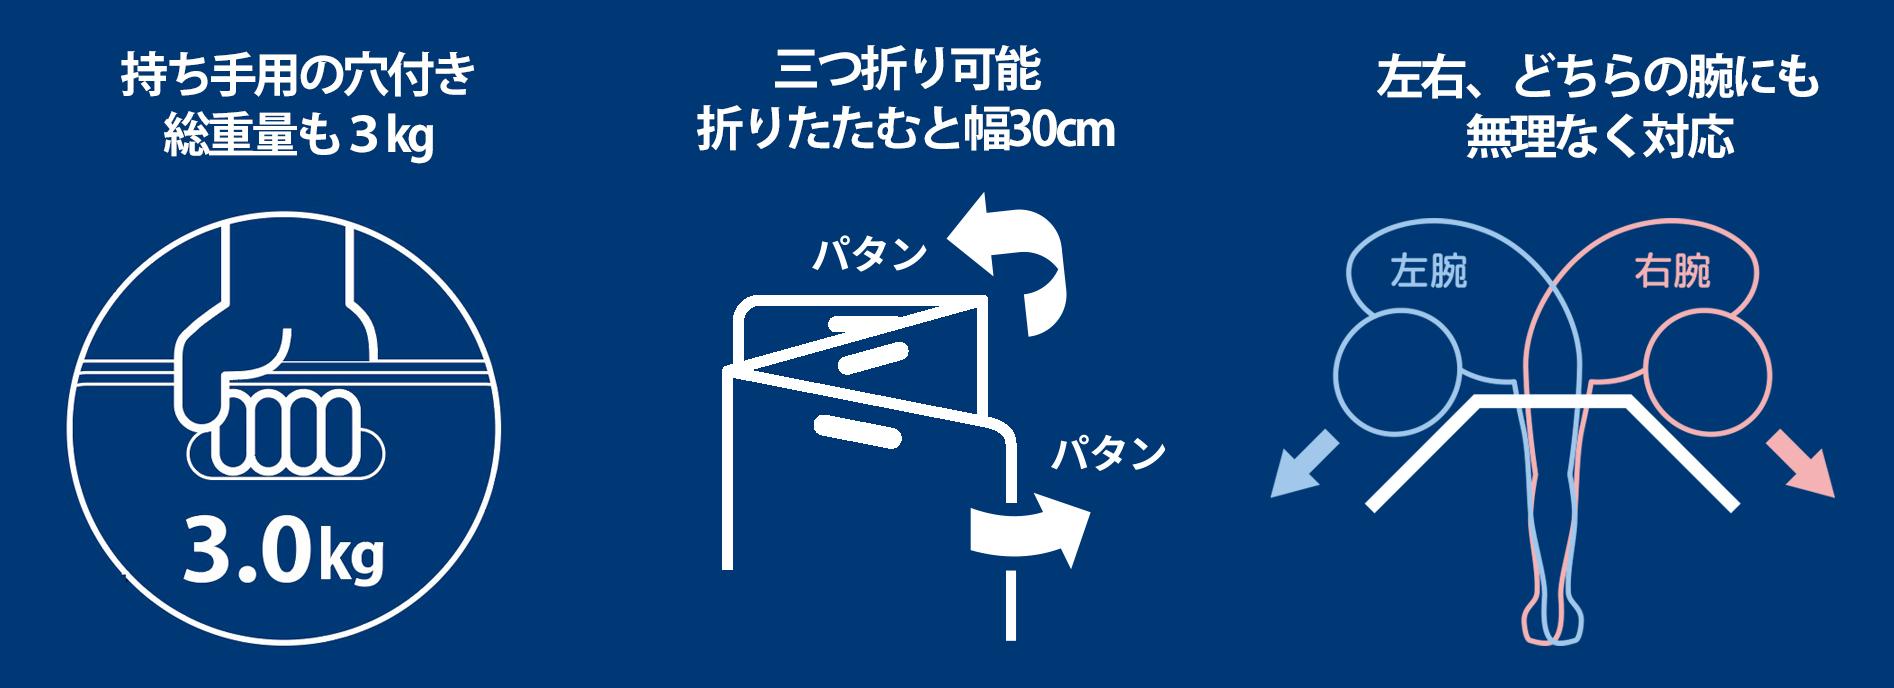 飛沫感染防止ワークガードの特徴